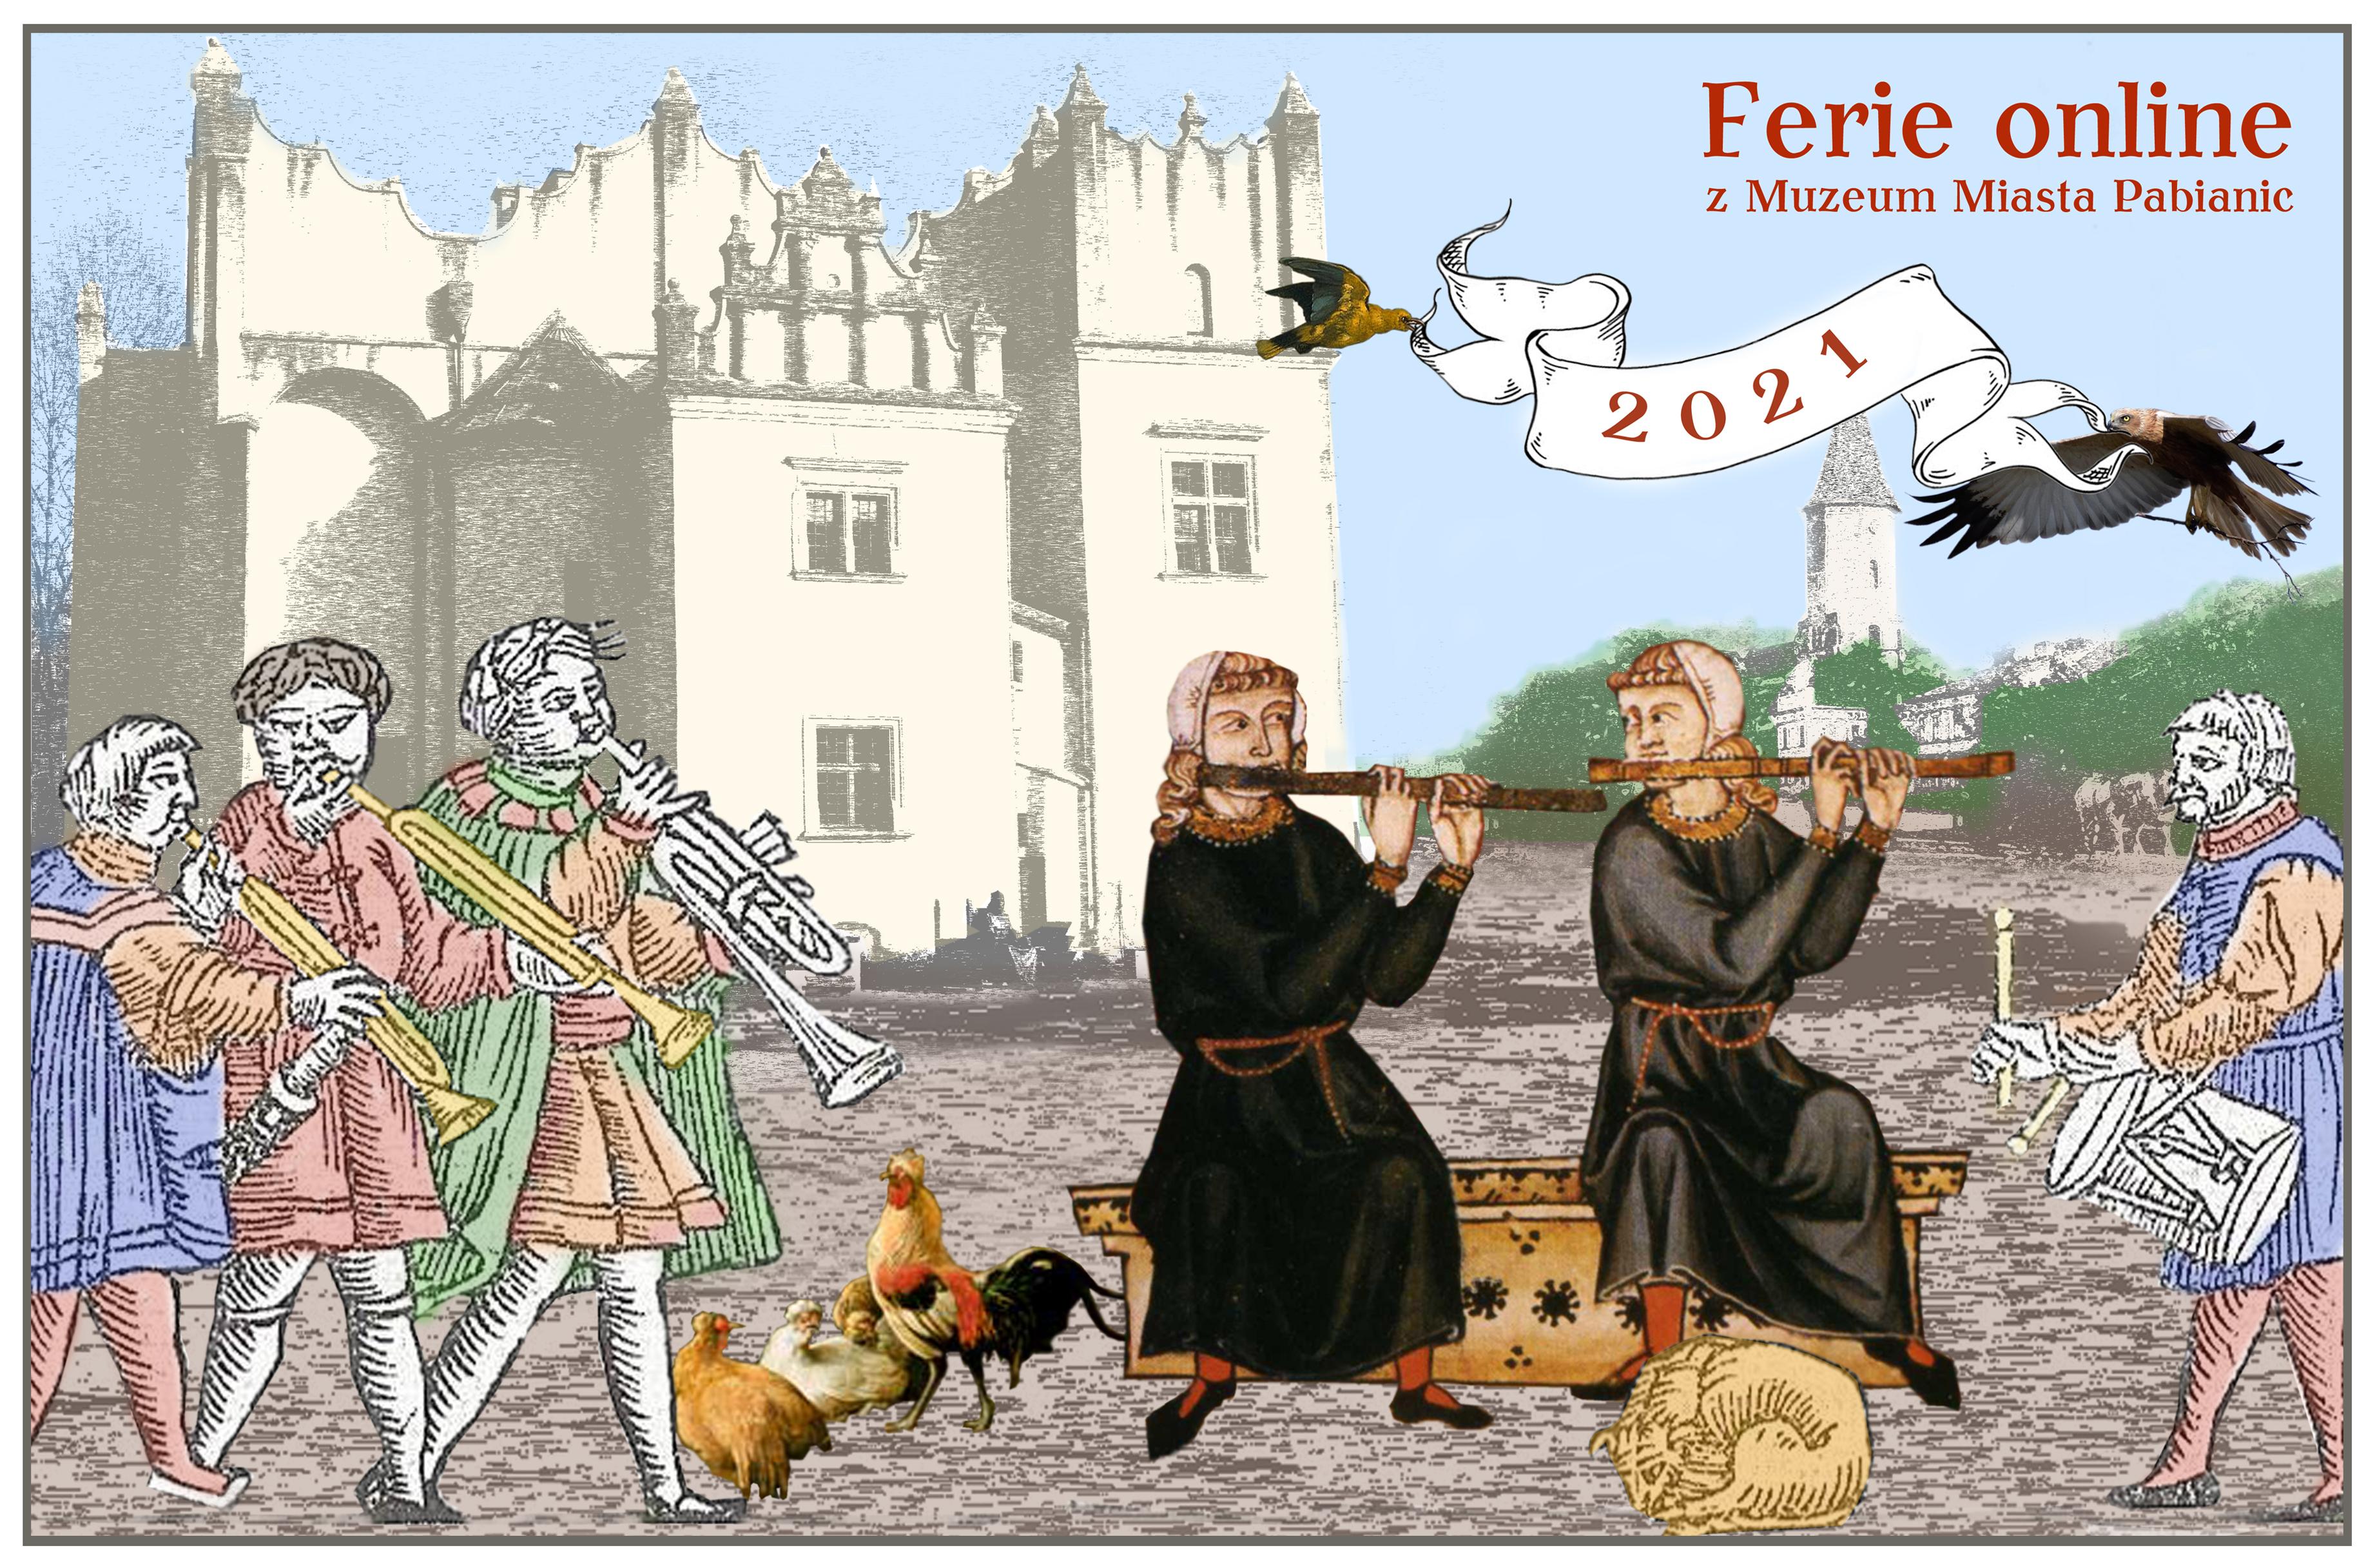 Grafika reklamująca Ferie online Muzeum Miasta Pabianic. Obraz przedstawia postaci grajków na tle dworu renesansowego i kościoła